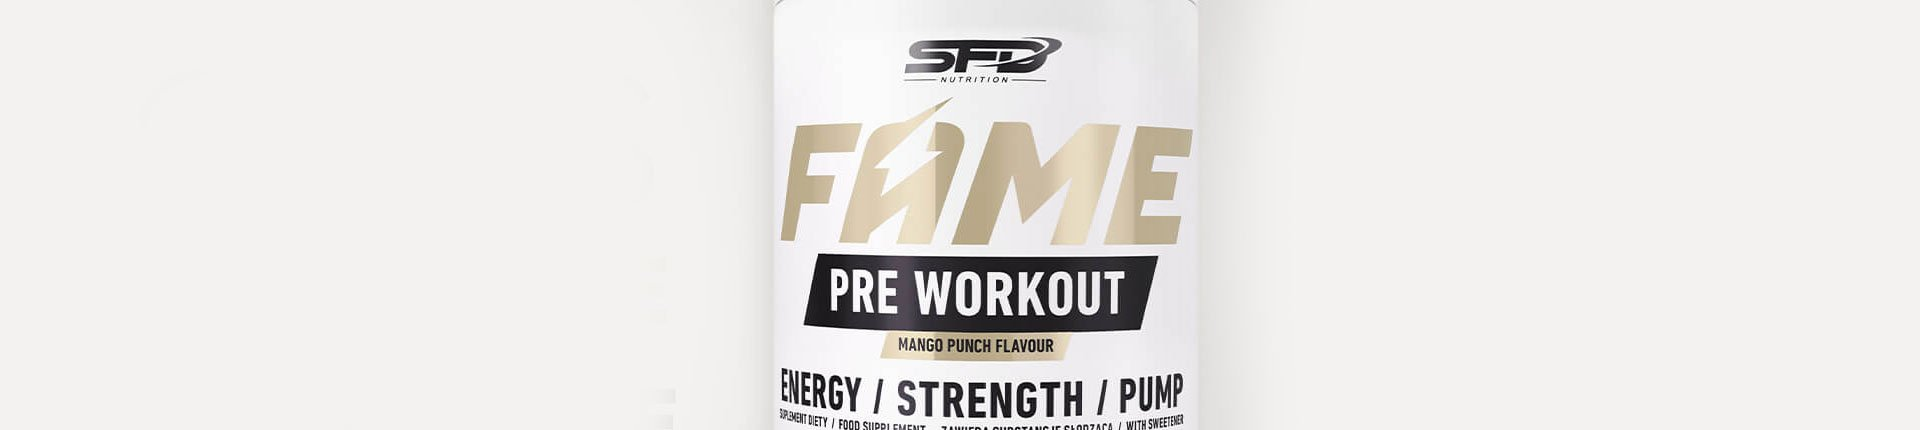 SFD Fame Pre Workout - czas na mocne uderzenie!